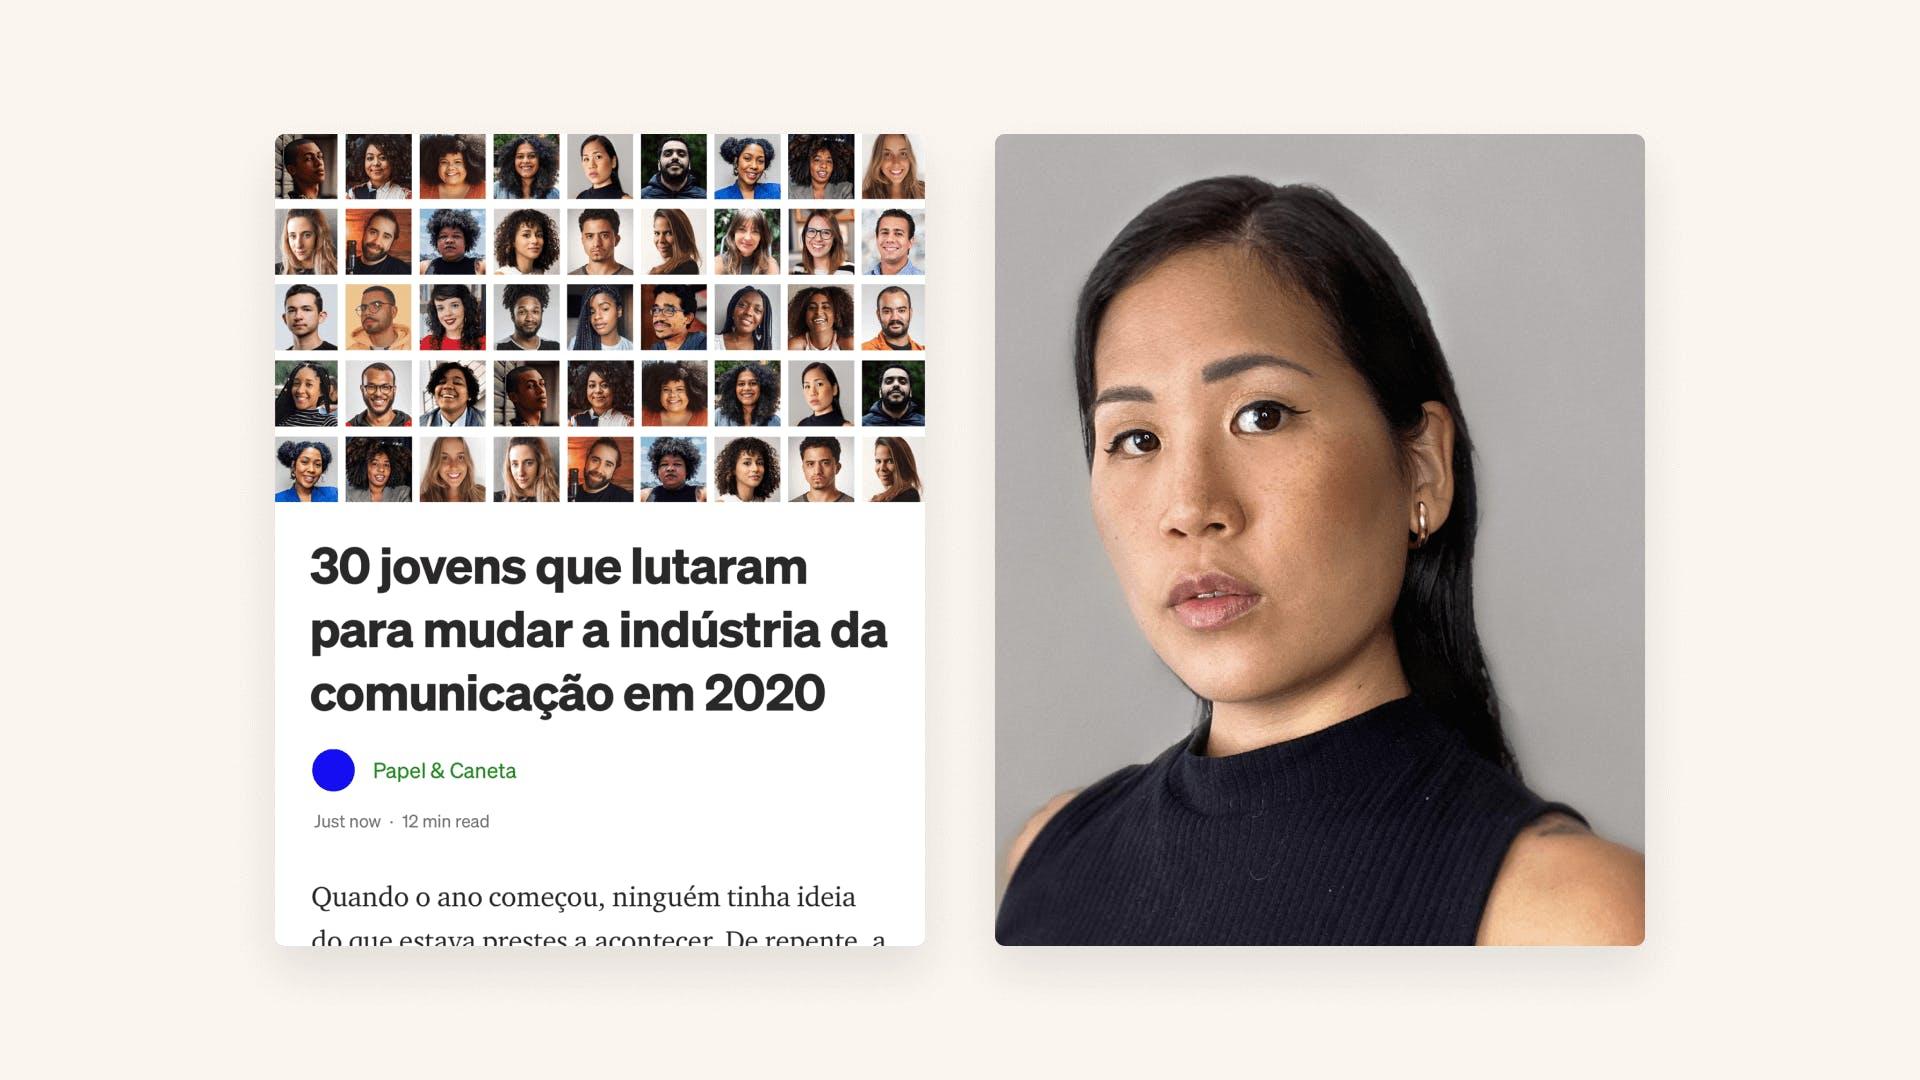 Imagem contendo fotografia de Denise e uma colagem de um artigo contendo título 30 jovens que lutaram para mudar a indústria da comunicação em 2020.